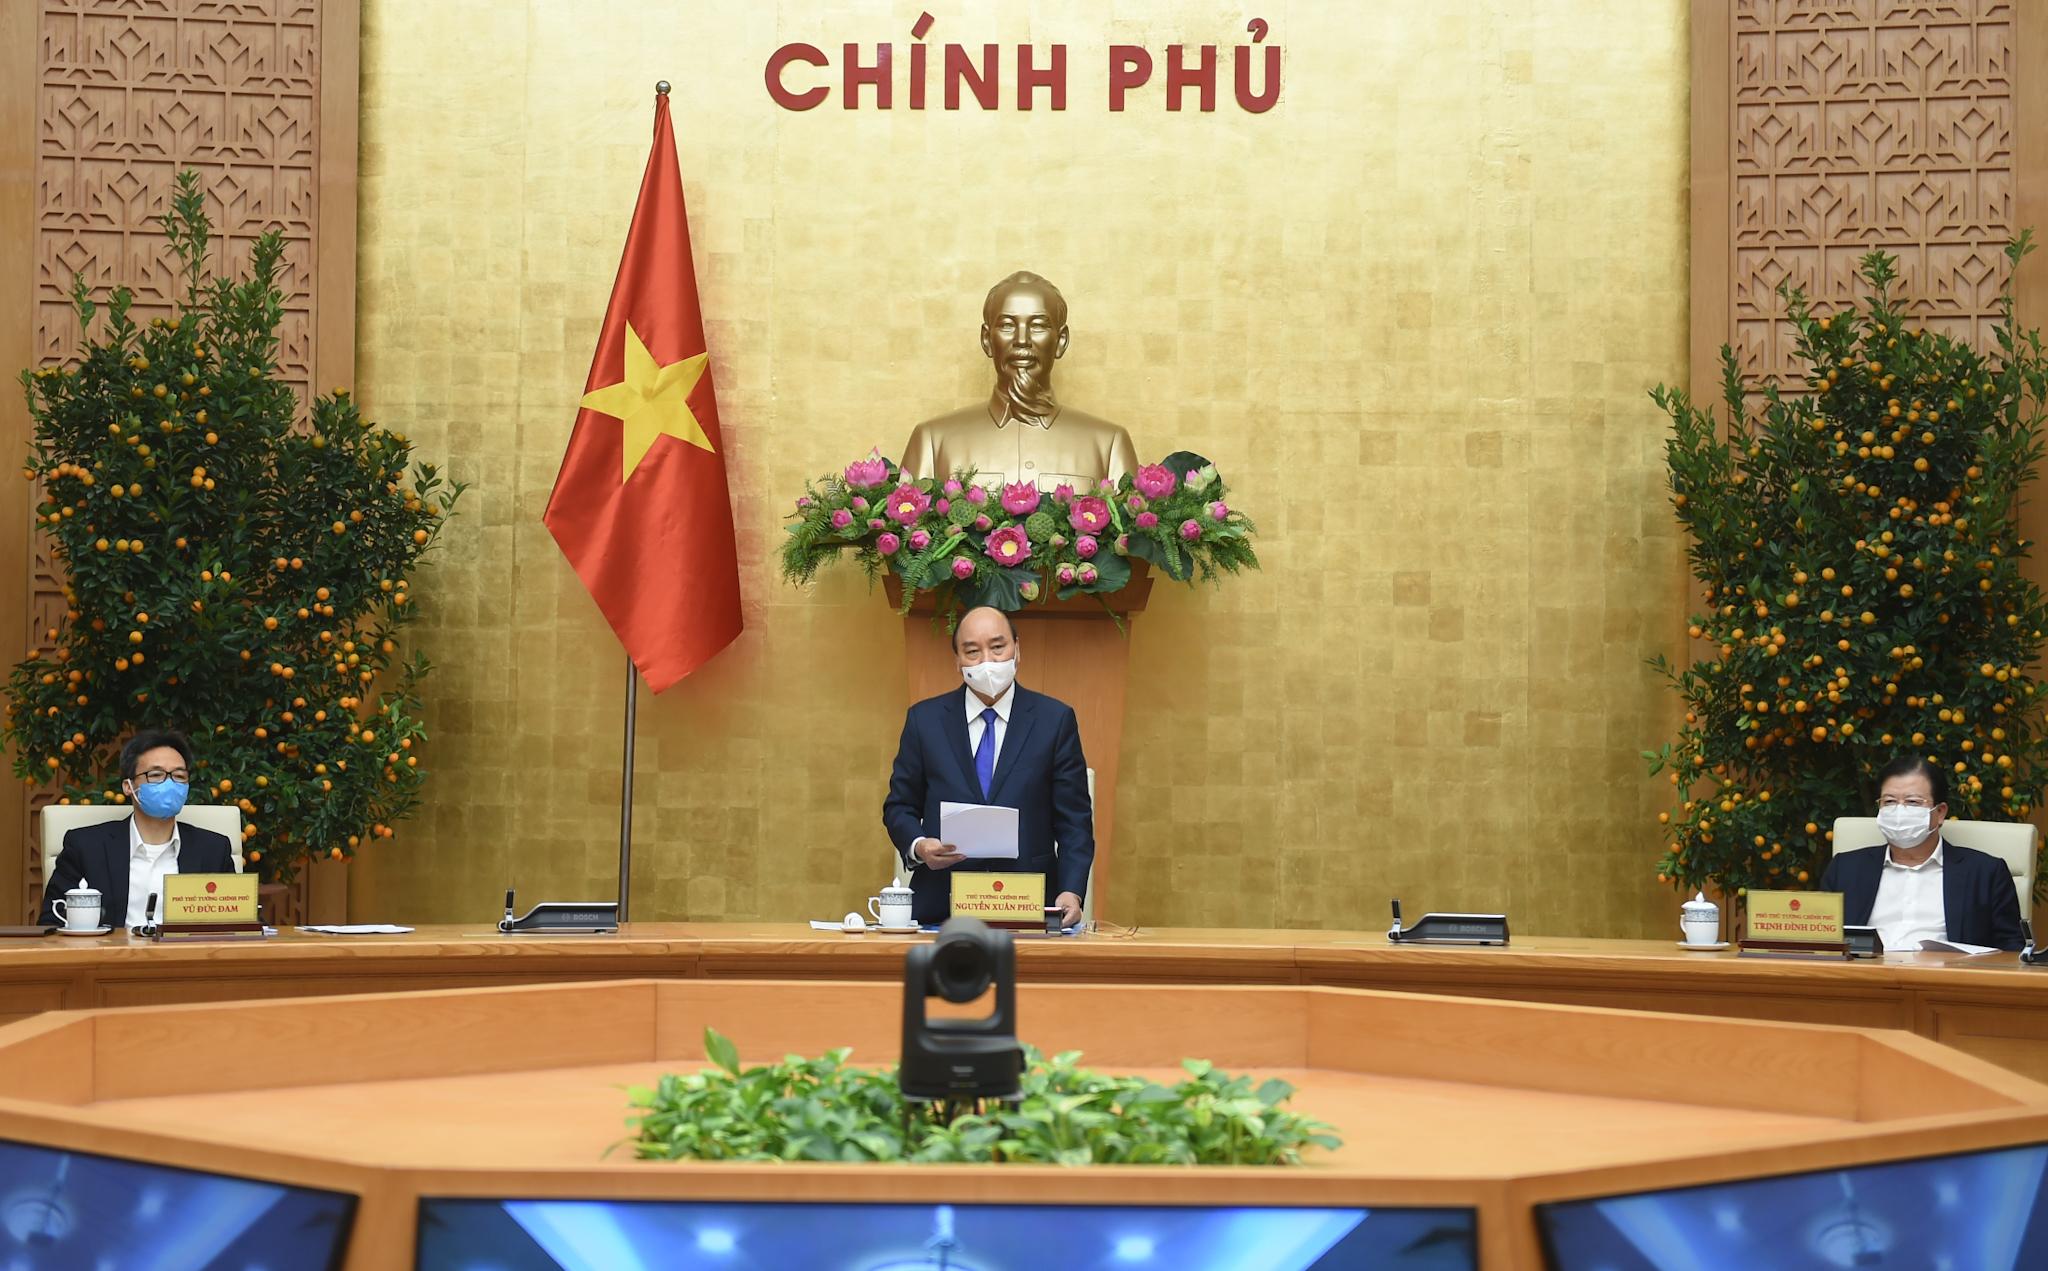 Thủ tướng Nguyễn Xuân Phúc chủ trì cuộc họp Thường trực Chính phủ bàn về tình hình Tết, triển khai các nhiệm vụ trọng tâm sau Tết và công tác phòng chống dịch COVID-19. Ảnh: VGP/Quang Hiếu